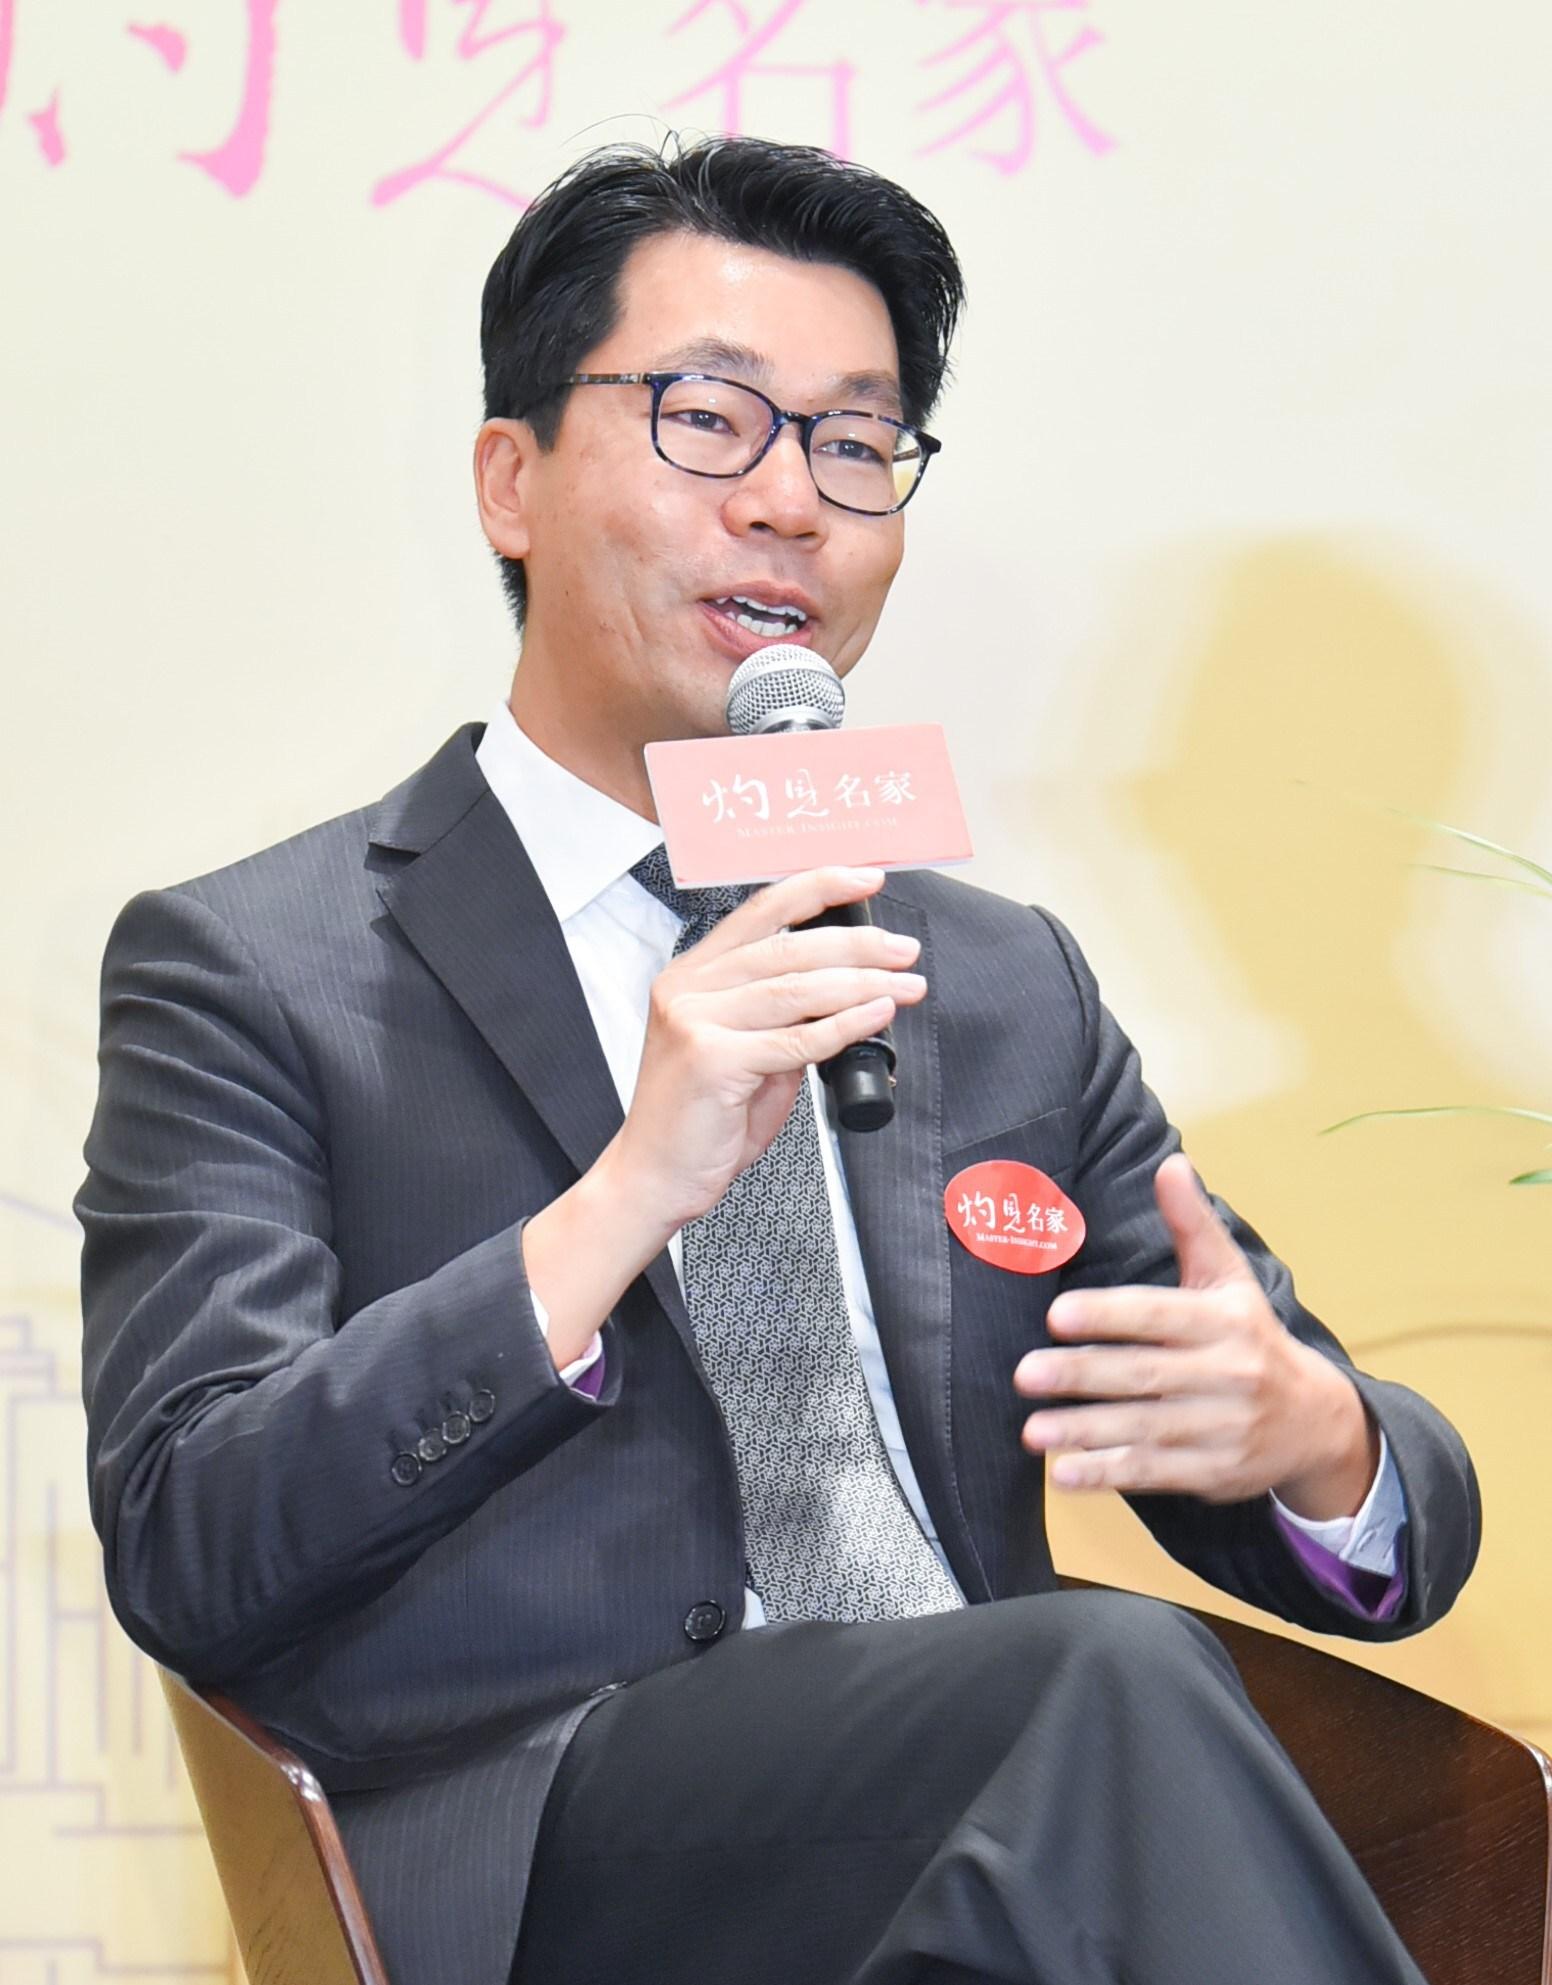 鄧希煒博士認為特朗普任美國總統,對中國不全是壞事。